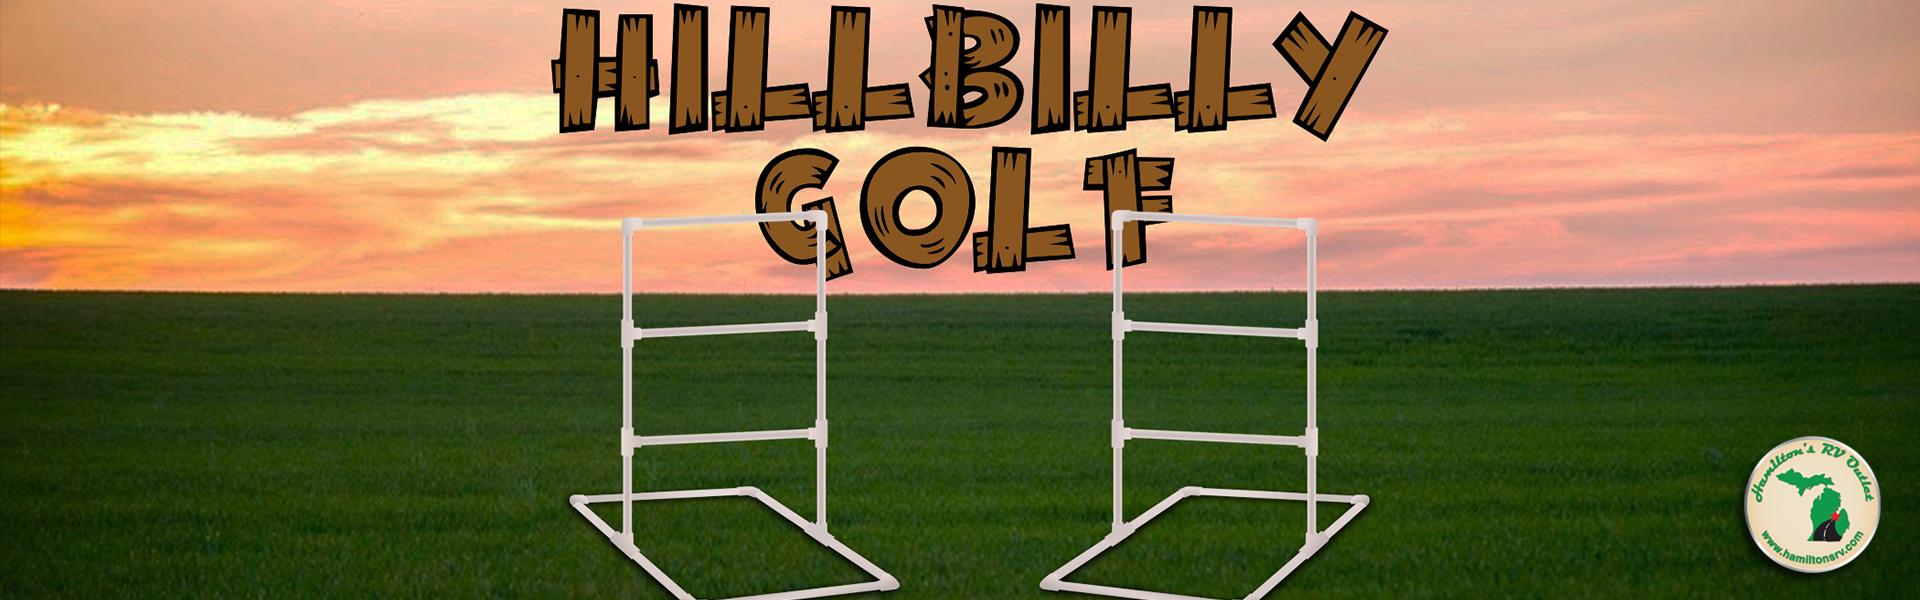 Hillbilly Golf Game Banner